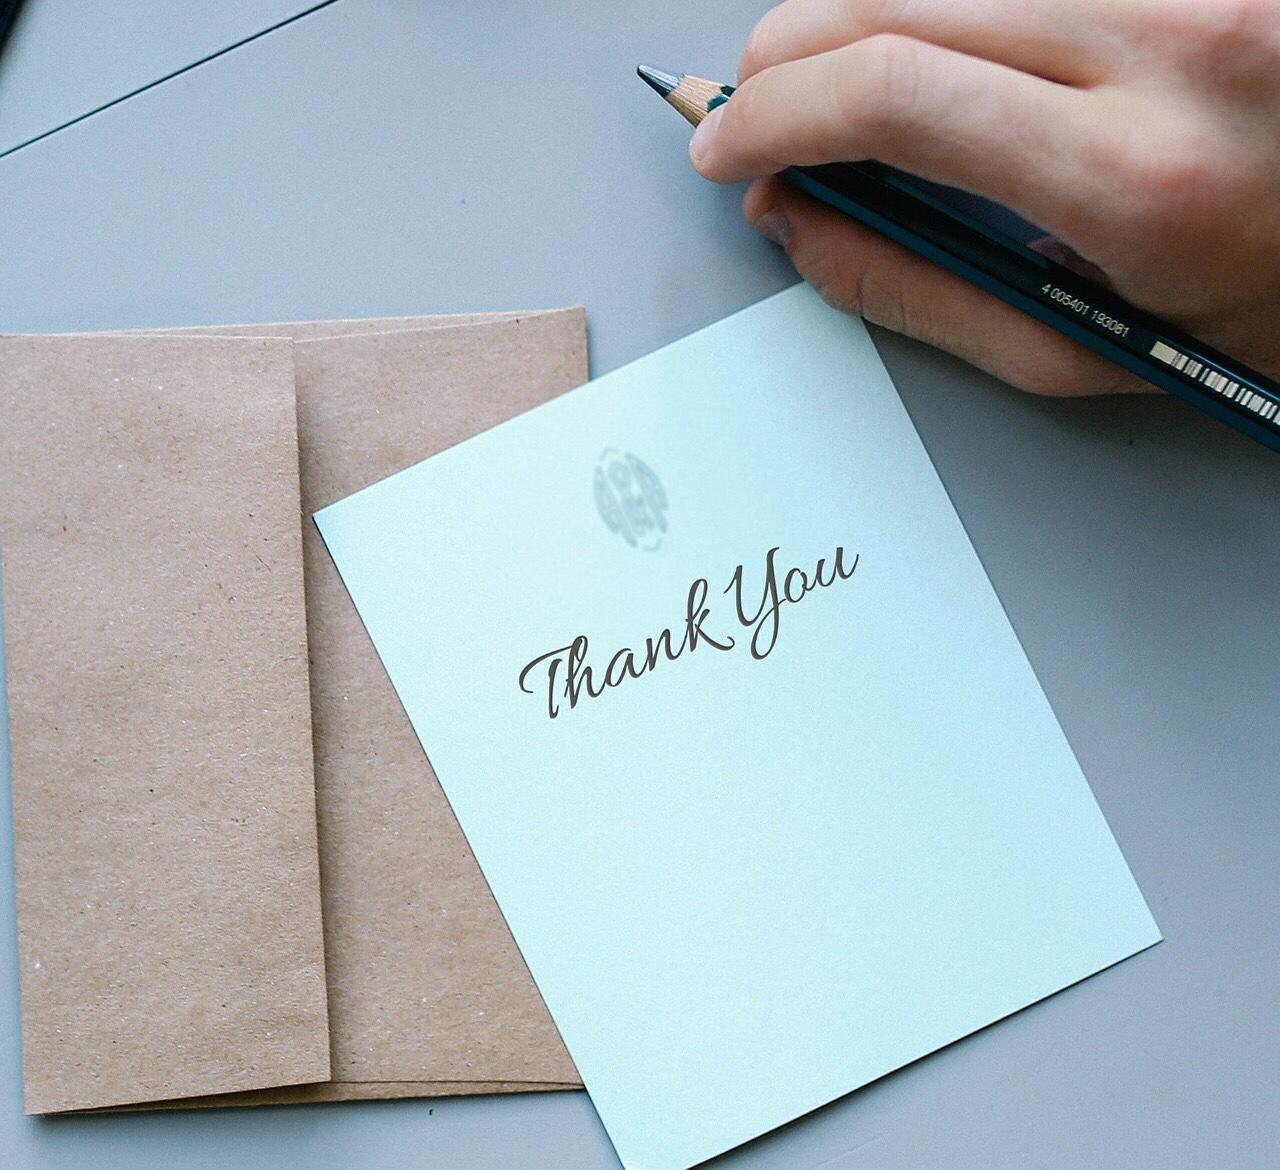 Lista-de-gratidão-blog-mila-bueno